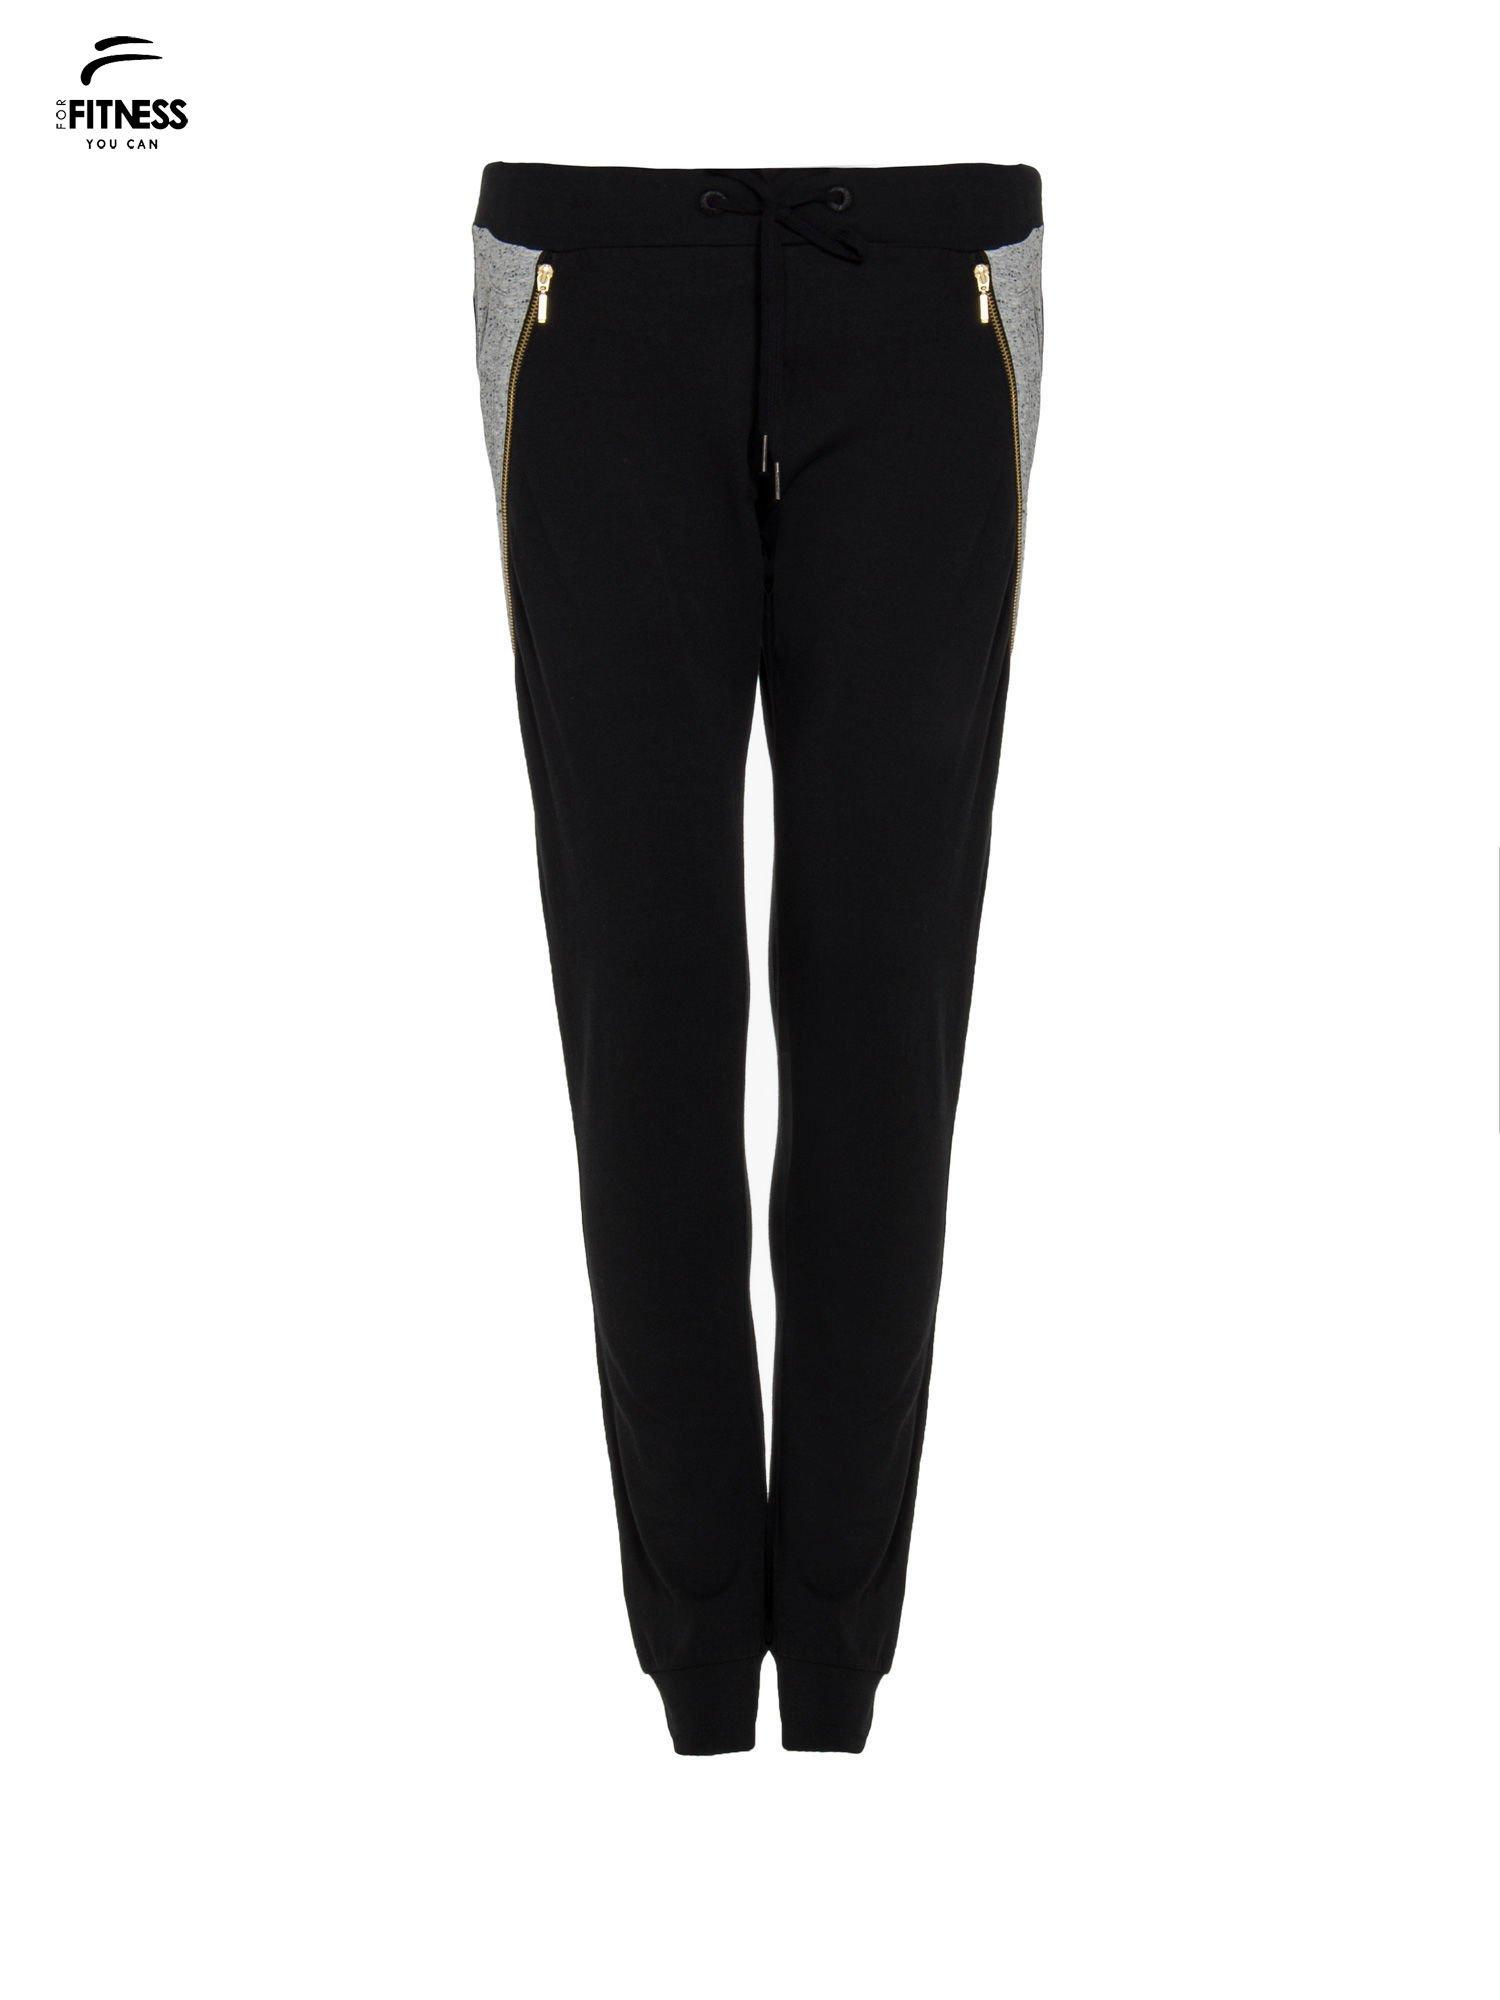 Czarne spodnie dresowe damskie z suwakiem i kontrastowymi wstawkami po bokach                                  zdj.                                  4